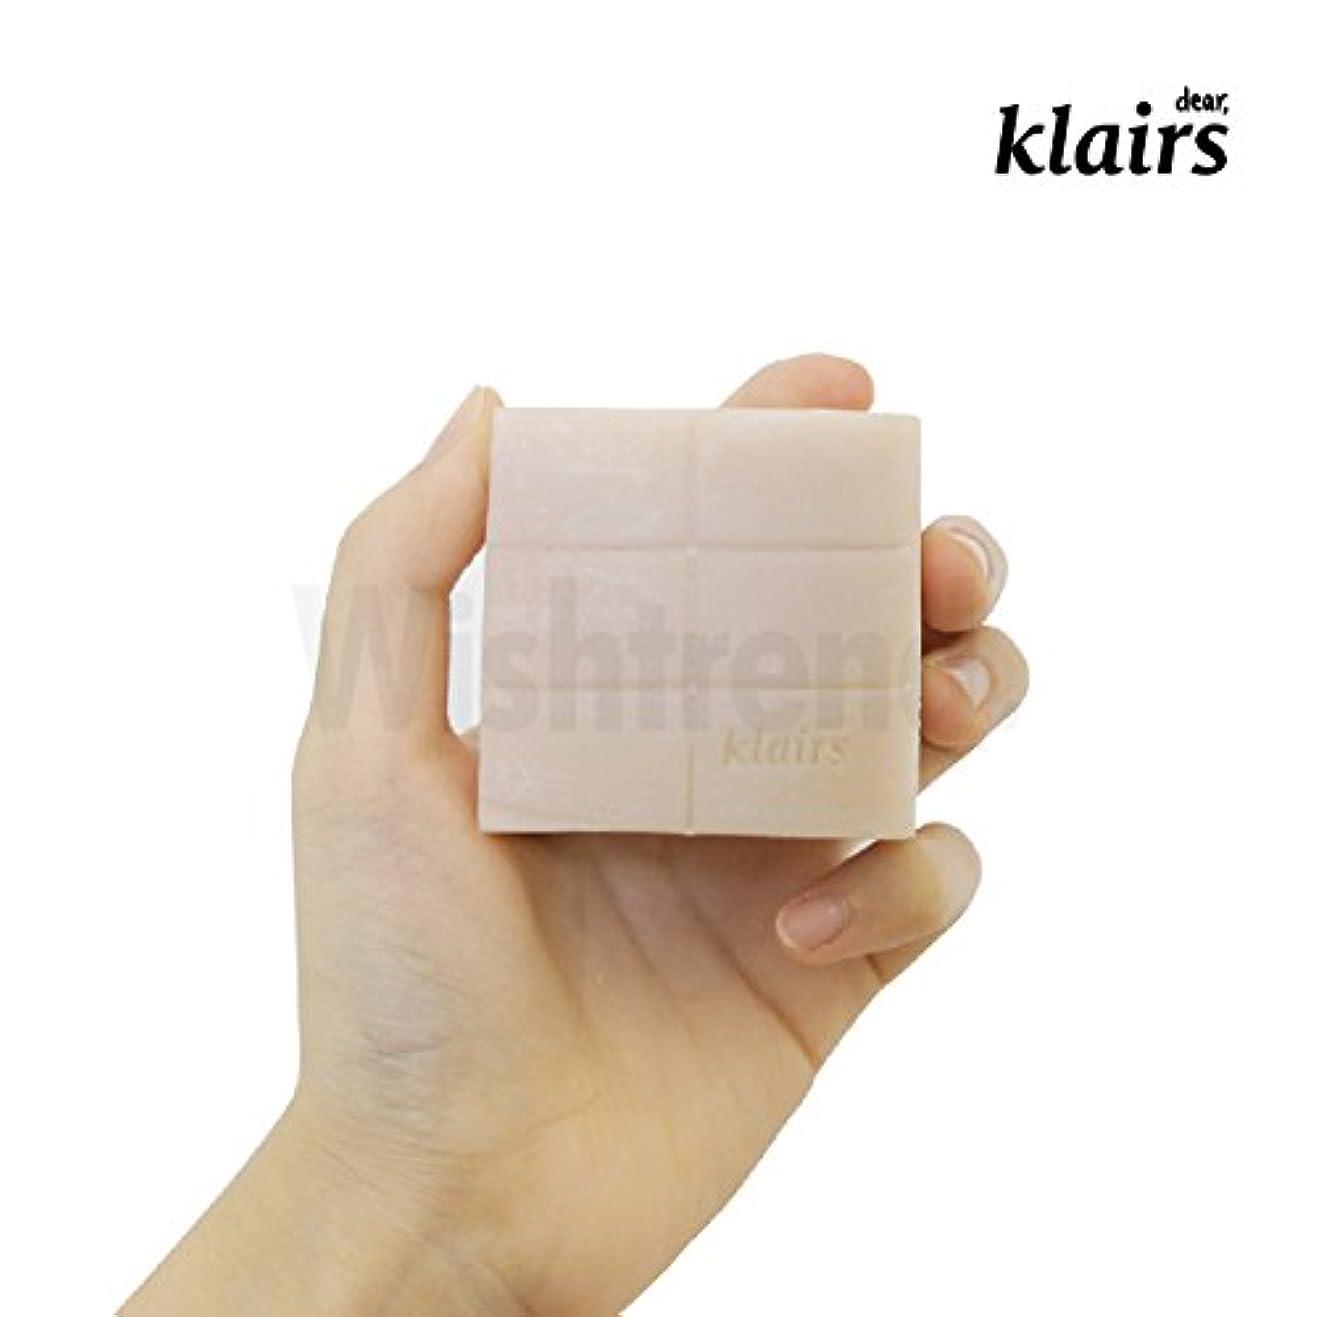 パックゴミ箱実現可能【クレアス】リッチモイストフェイシャルソープ120g|石けん?石鹸?フェイシャルソープ?ソープ?敏感肌|[dear,klairs] Be Clean Natural Soap 120g